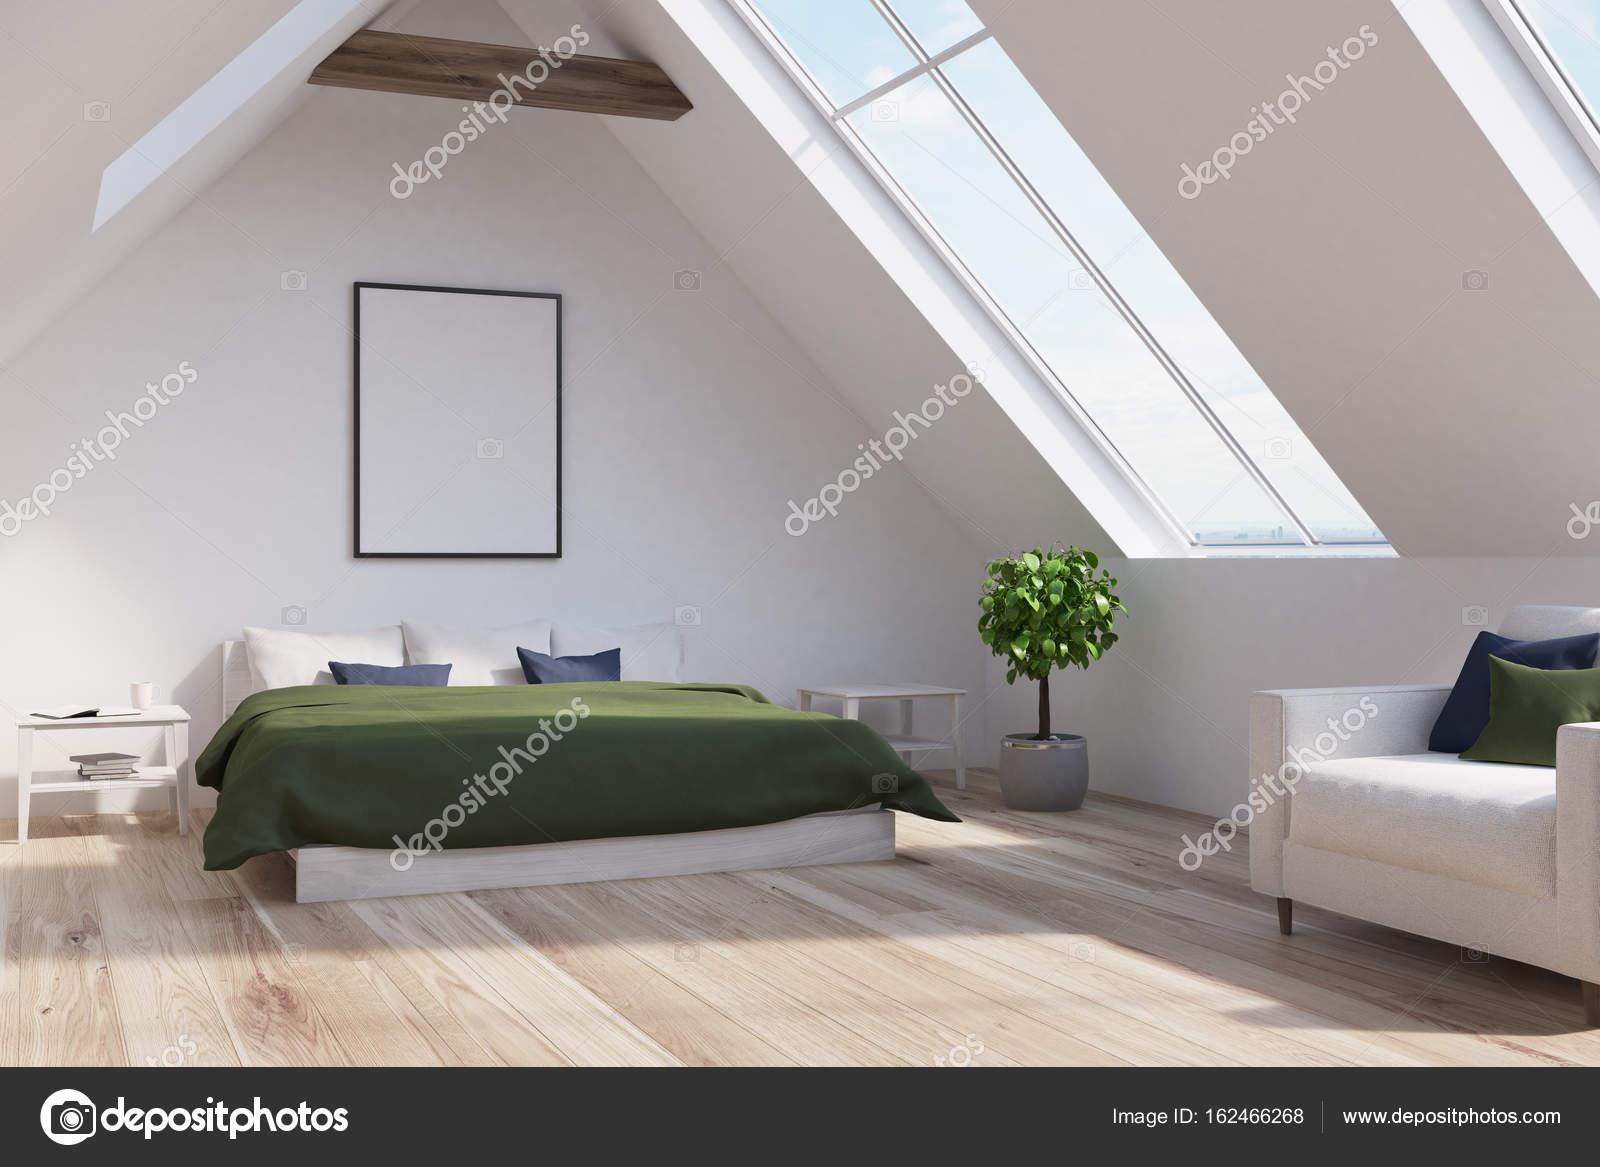 Dachgeschoss Schlafzimmer mit grünen Bett, Plakat, Seite — Stockfoto ...